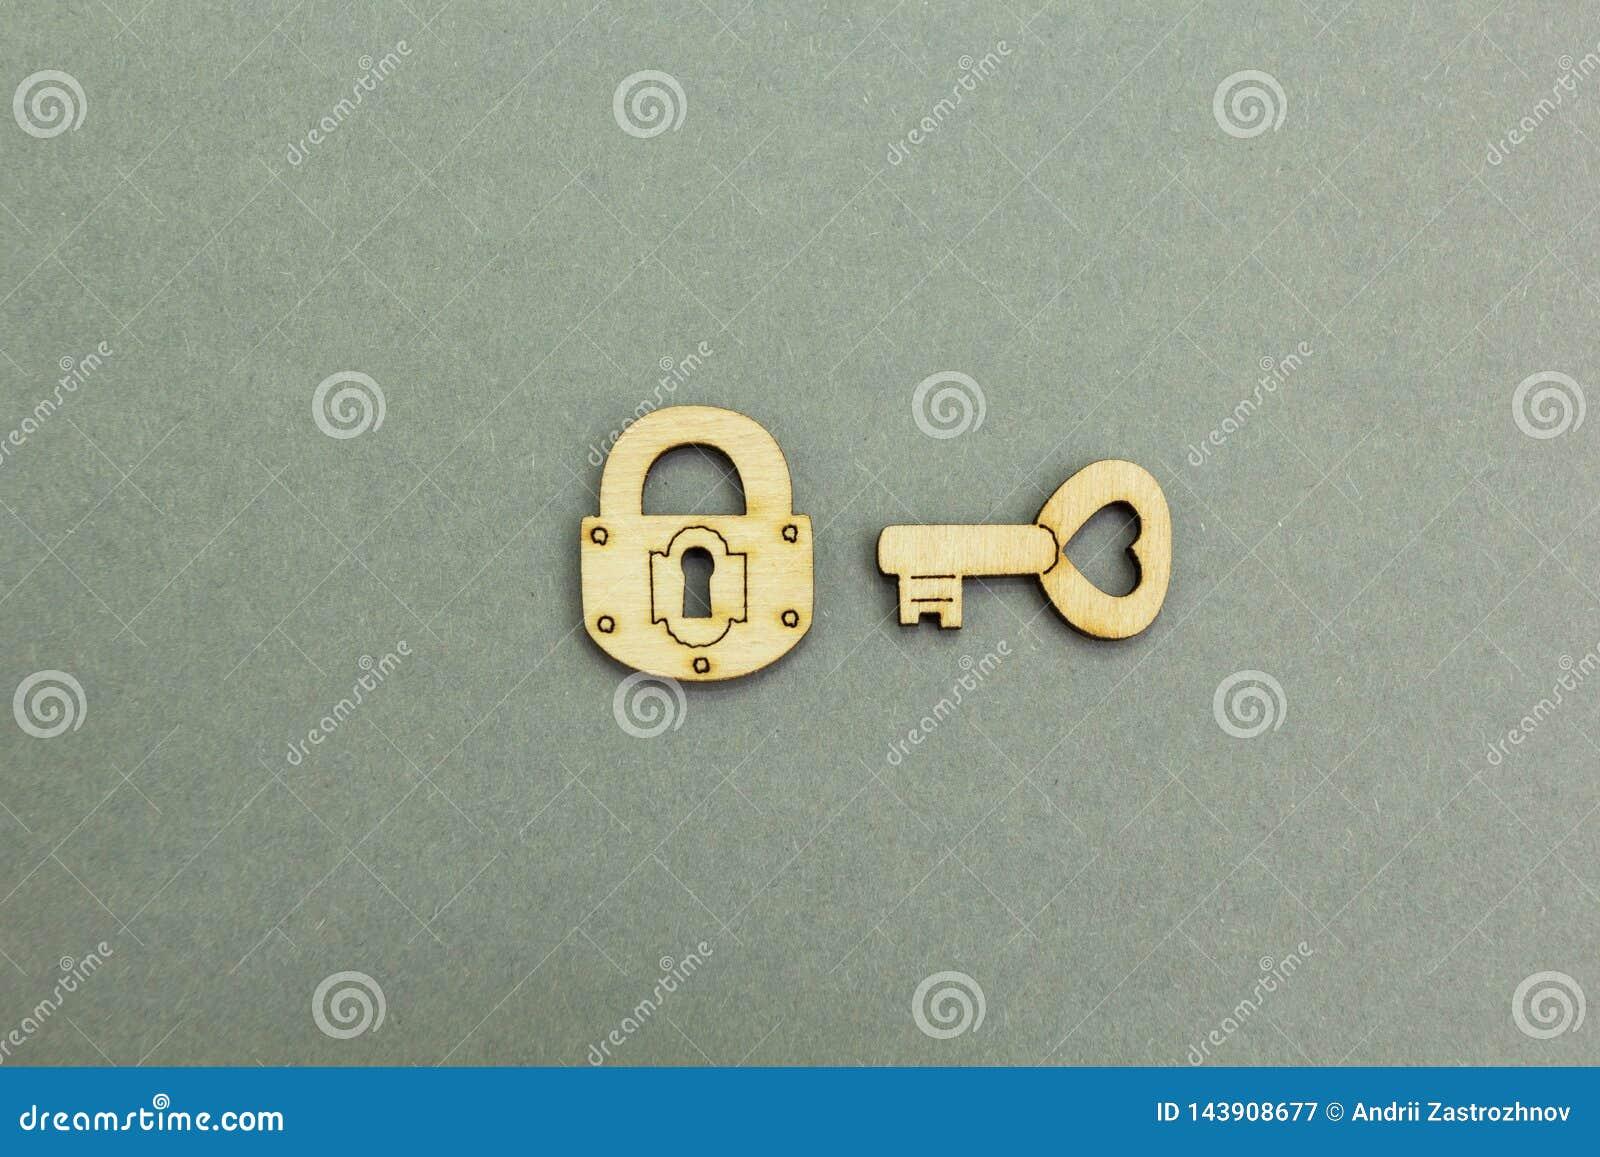 Hölzerner Verschluss und Schlüssel auf einem grauen Hintergrund